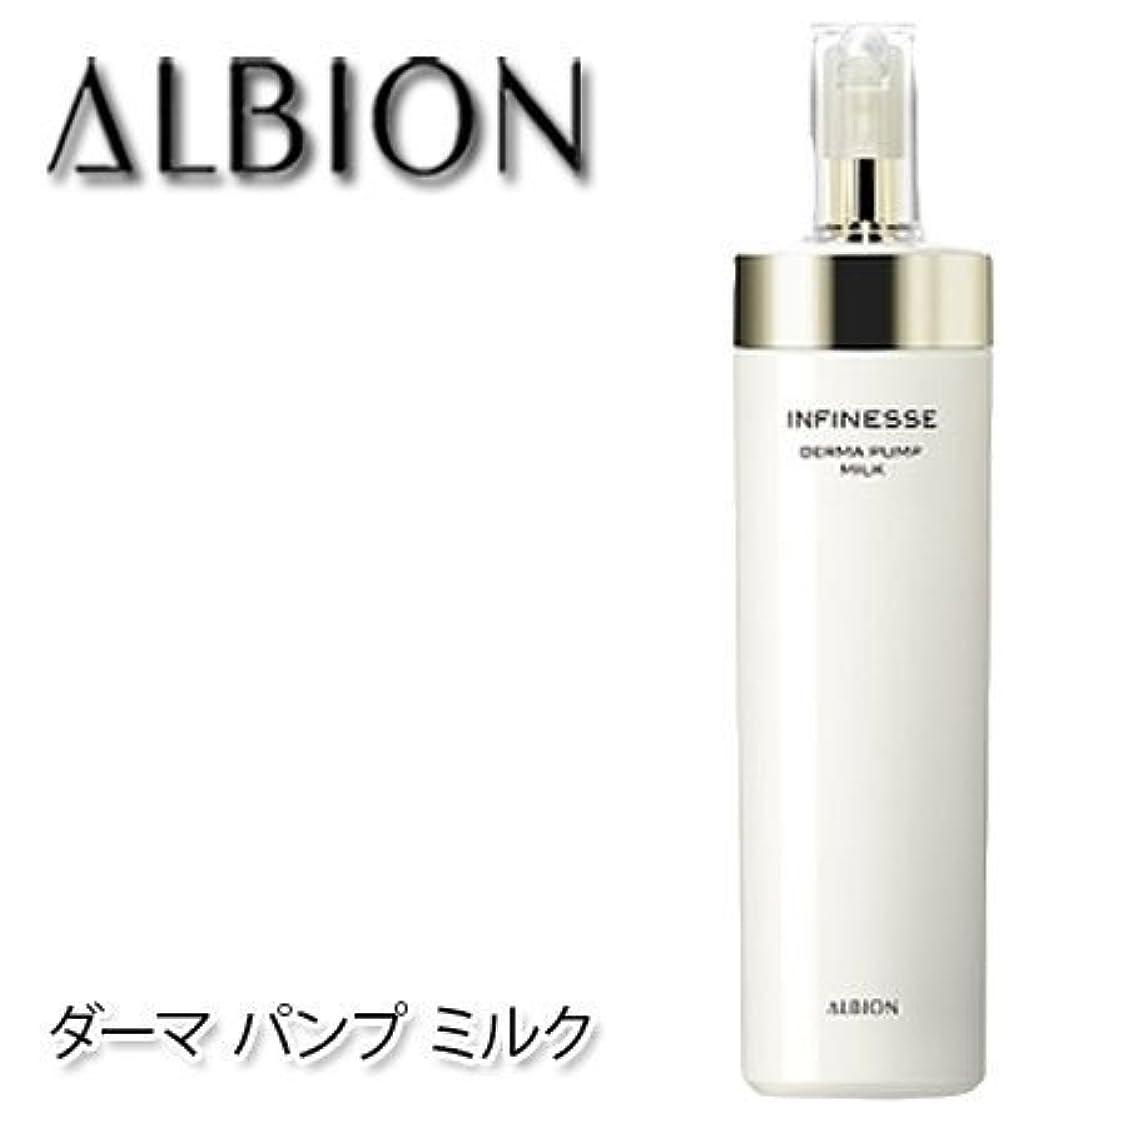 思春期寮通常アルビオン アンフィネス ダーマ パンプ ミルク 200g-ALBION-